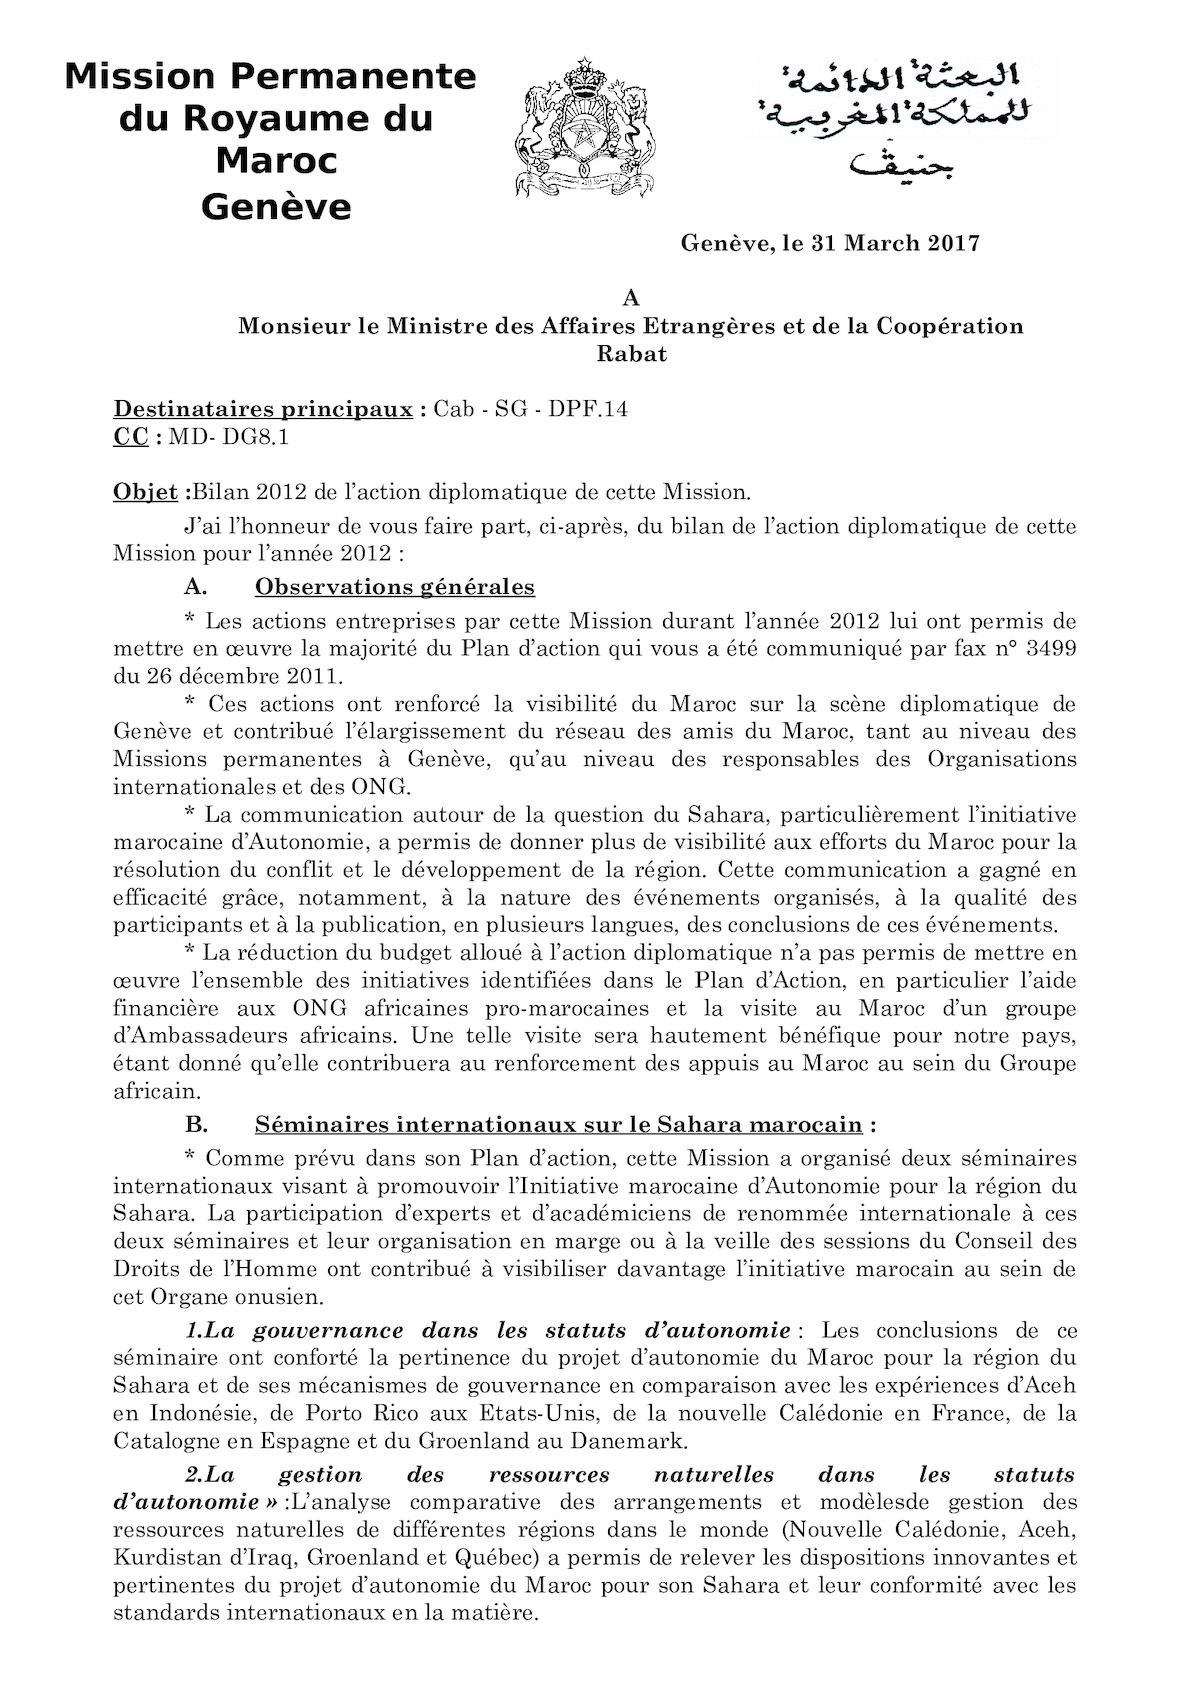 Fax Bilan De L'action Diplomatique 2012